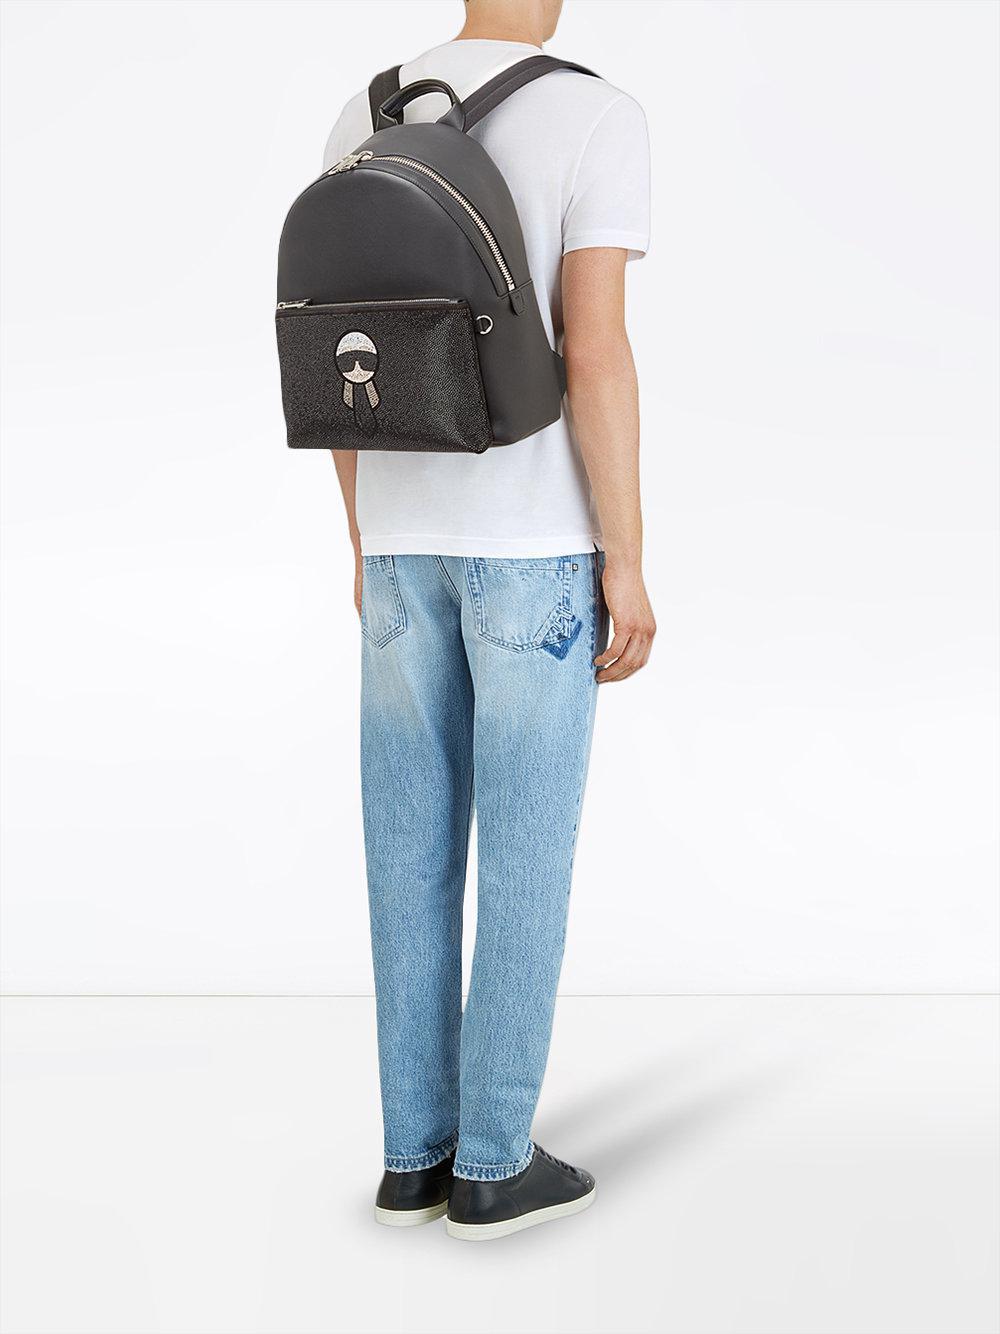 4359fa951fae Fendi Studded Karlito Backpack in Black for Men - Lyst